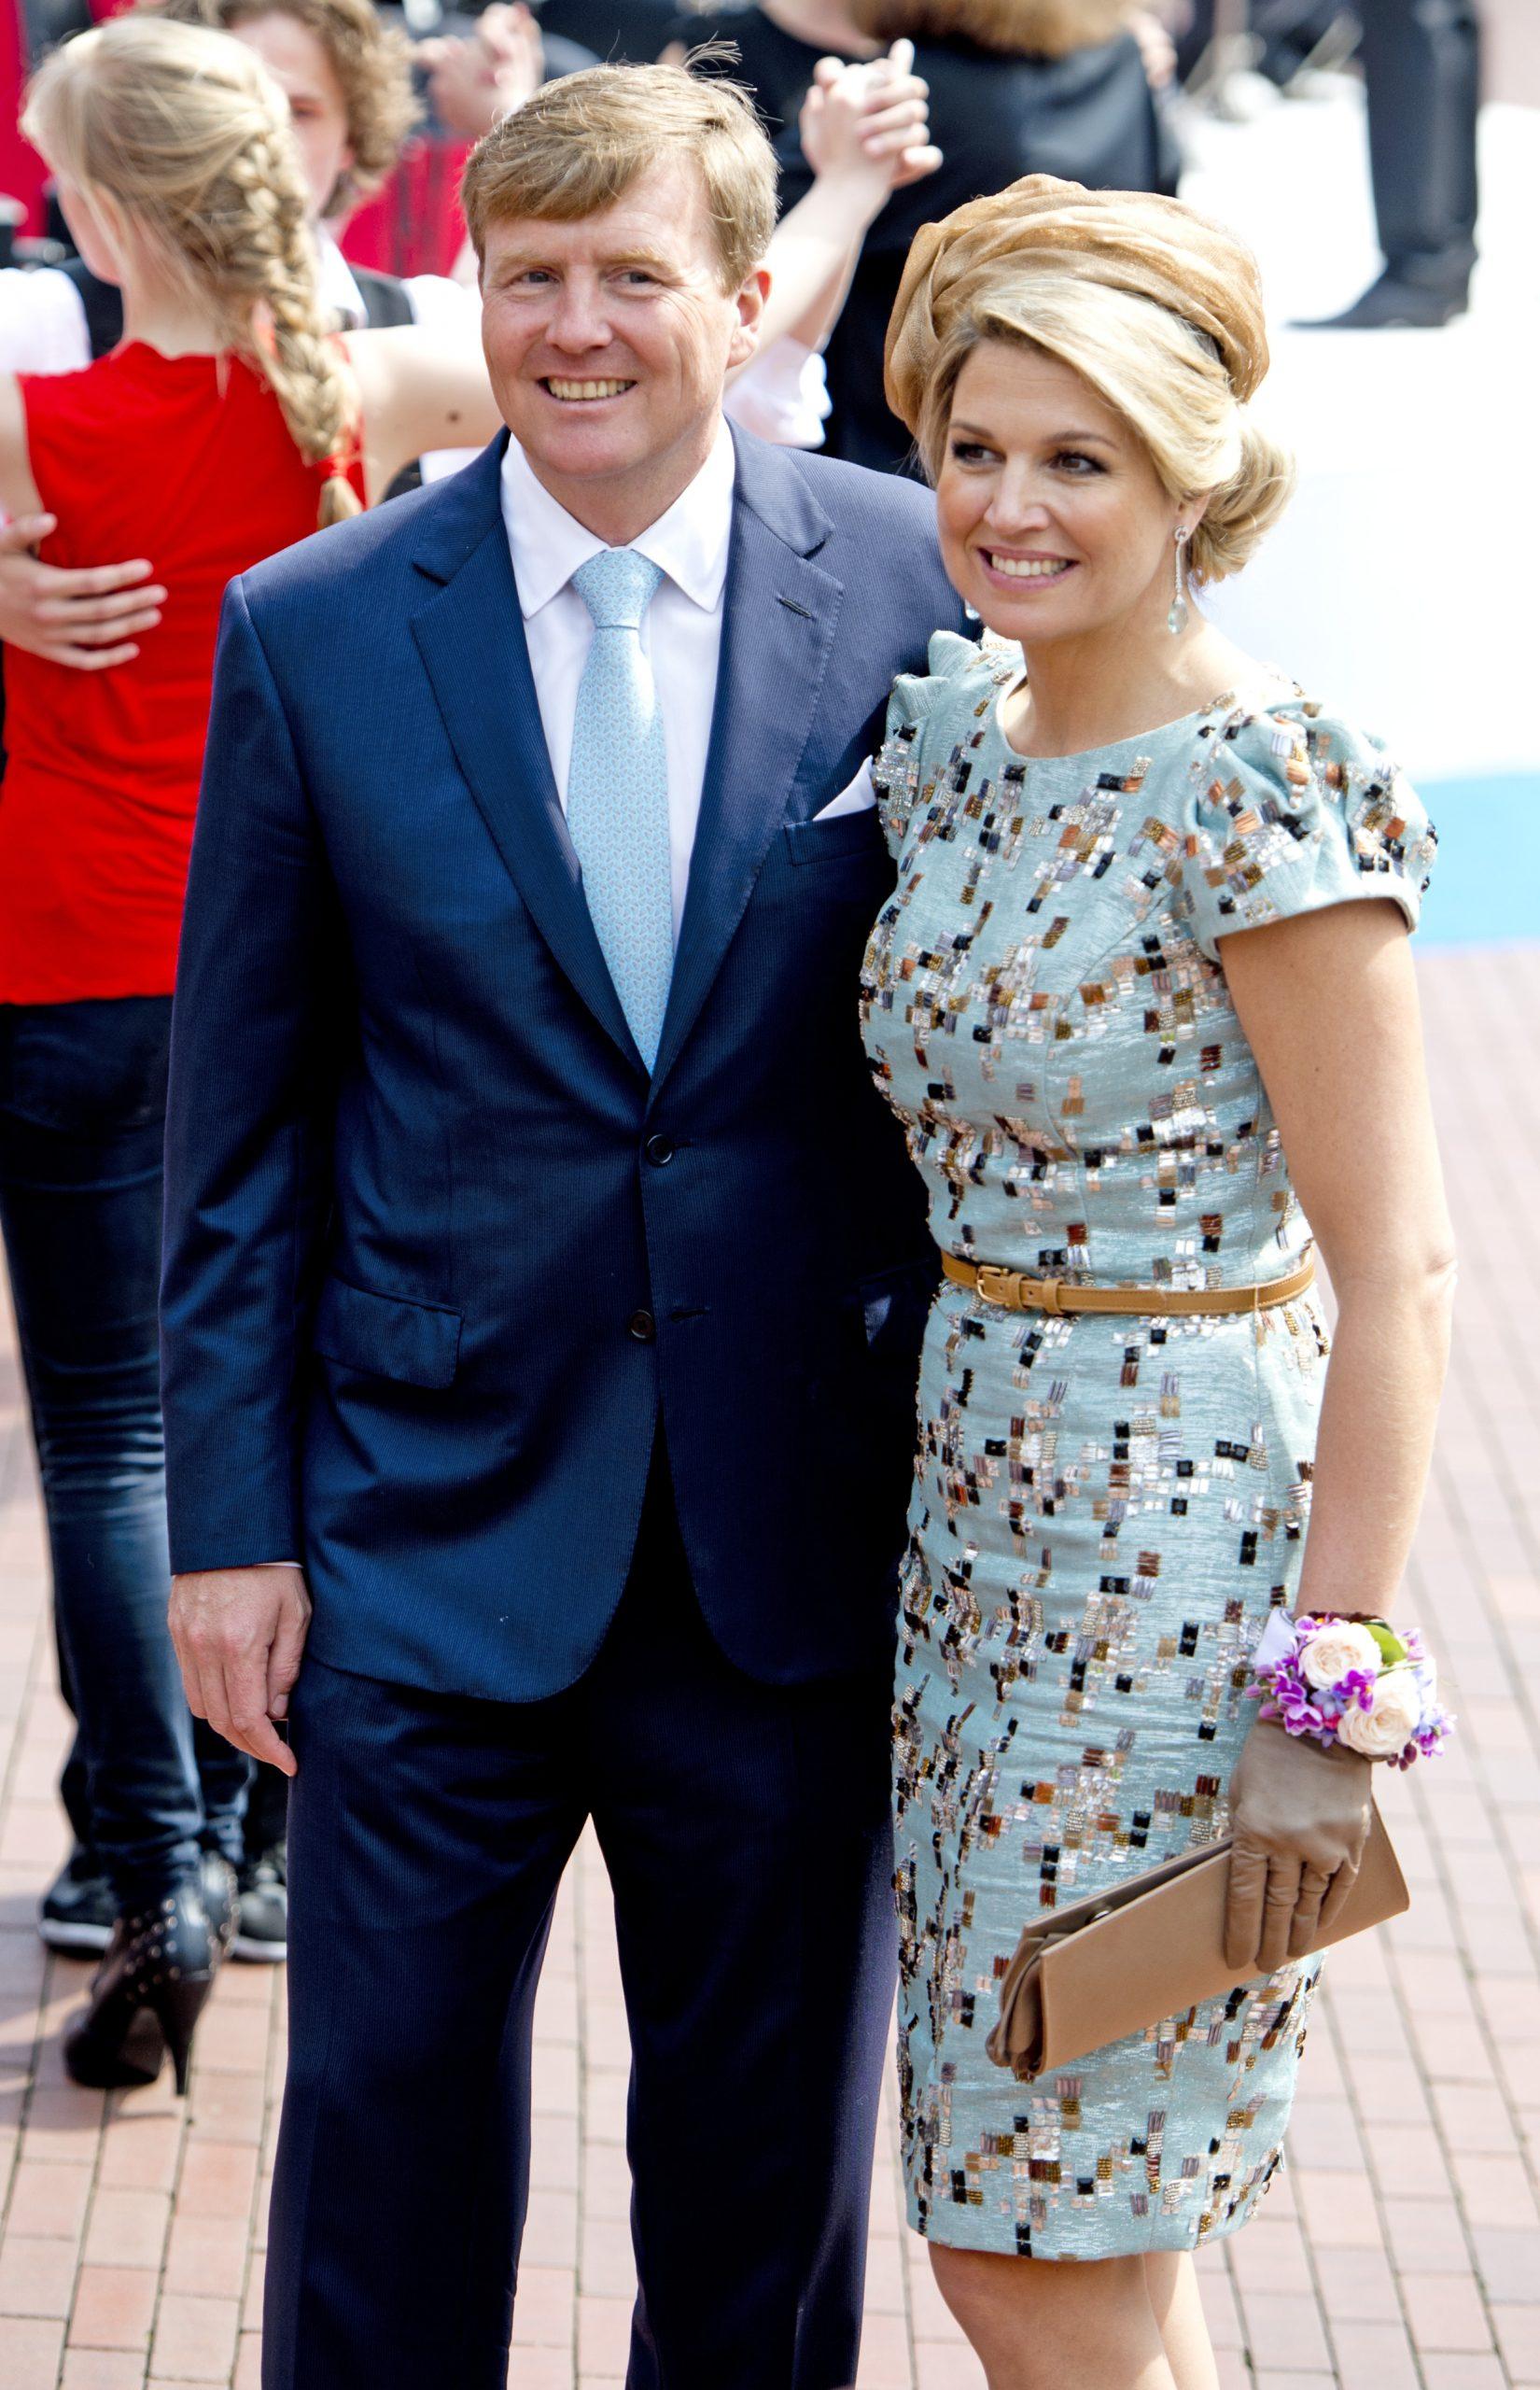 Van koninklijk blauw tot dat ene spijkerjasje: de beste looks van modekoningin Máxima